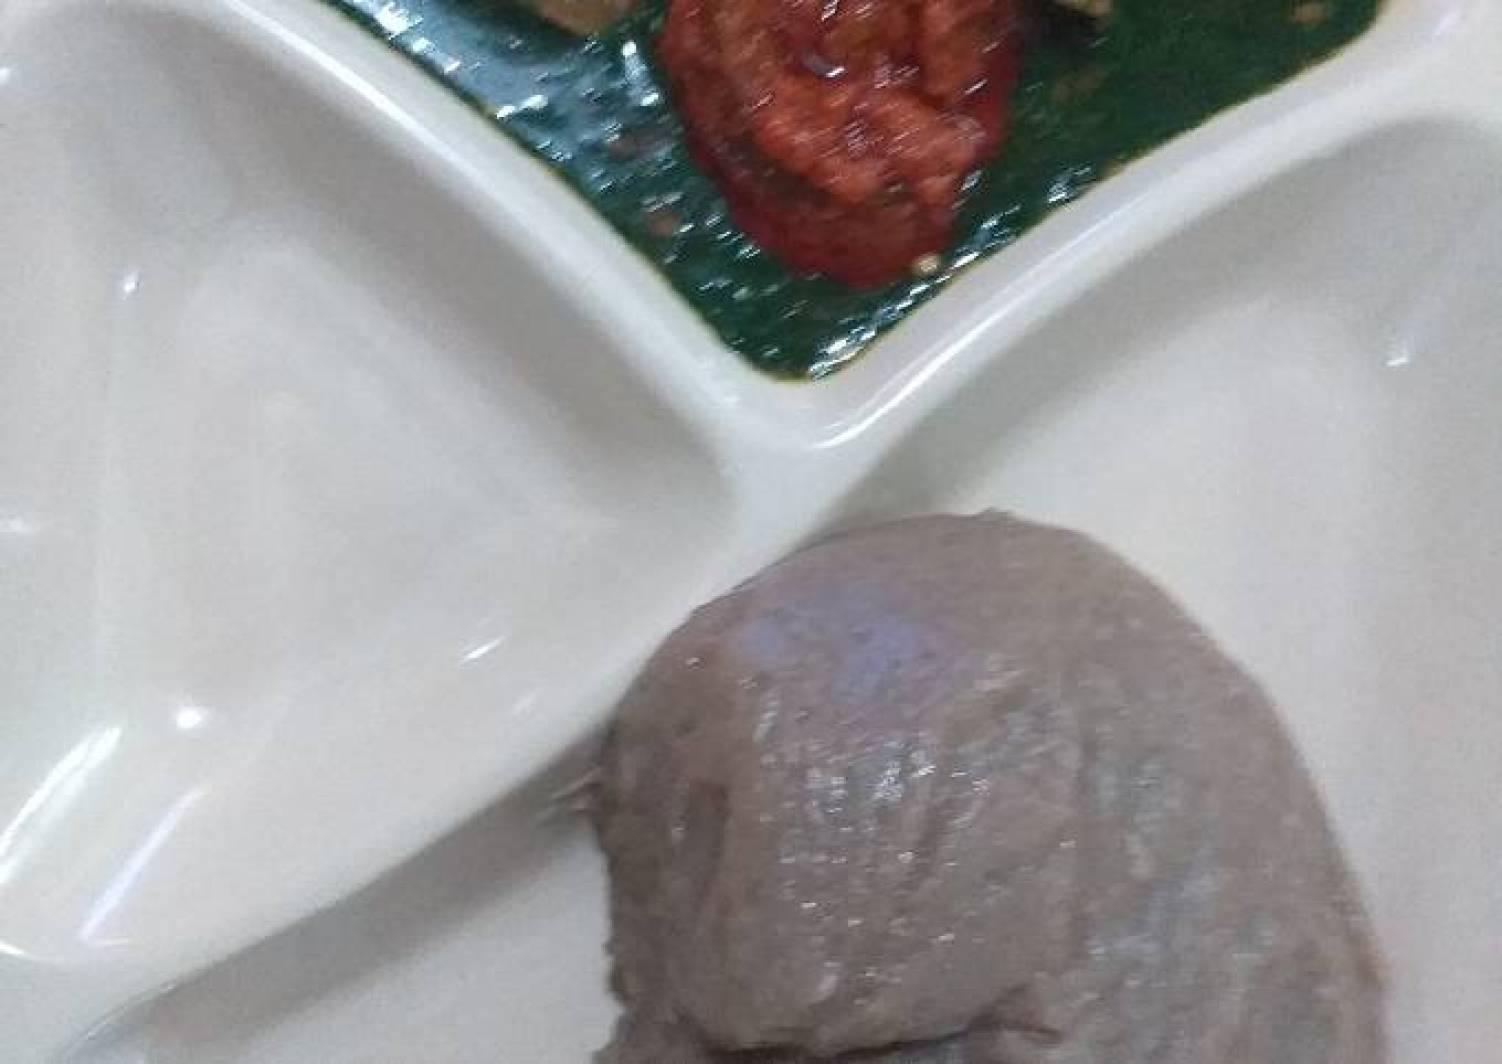 Amala, beans soup, ewedu and stew